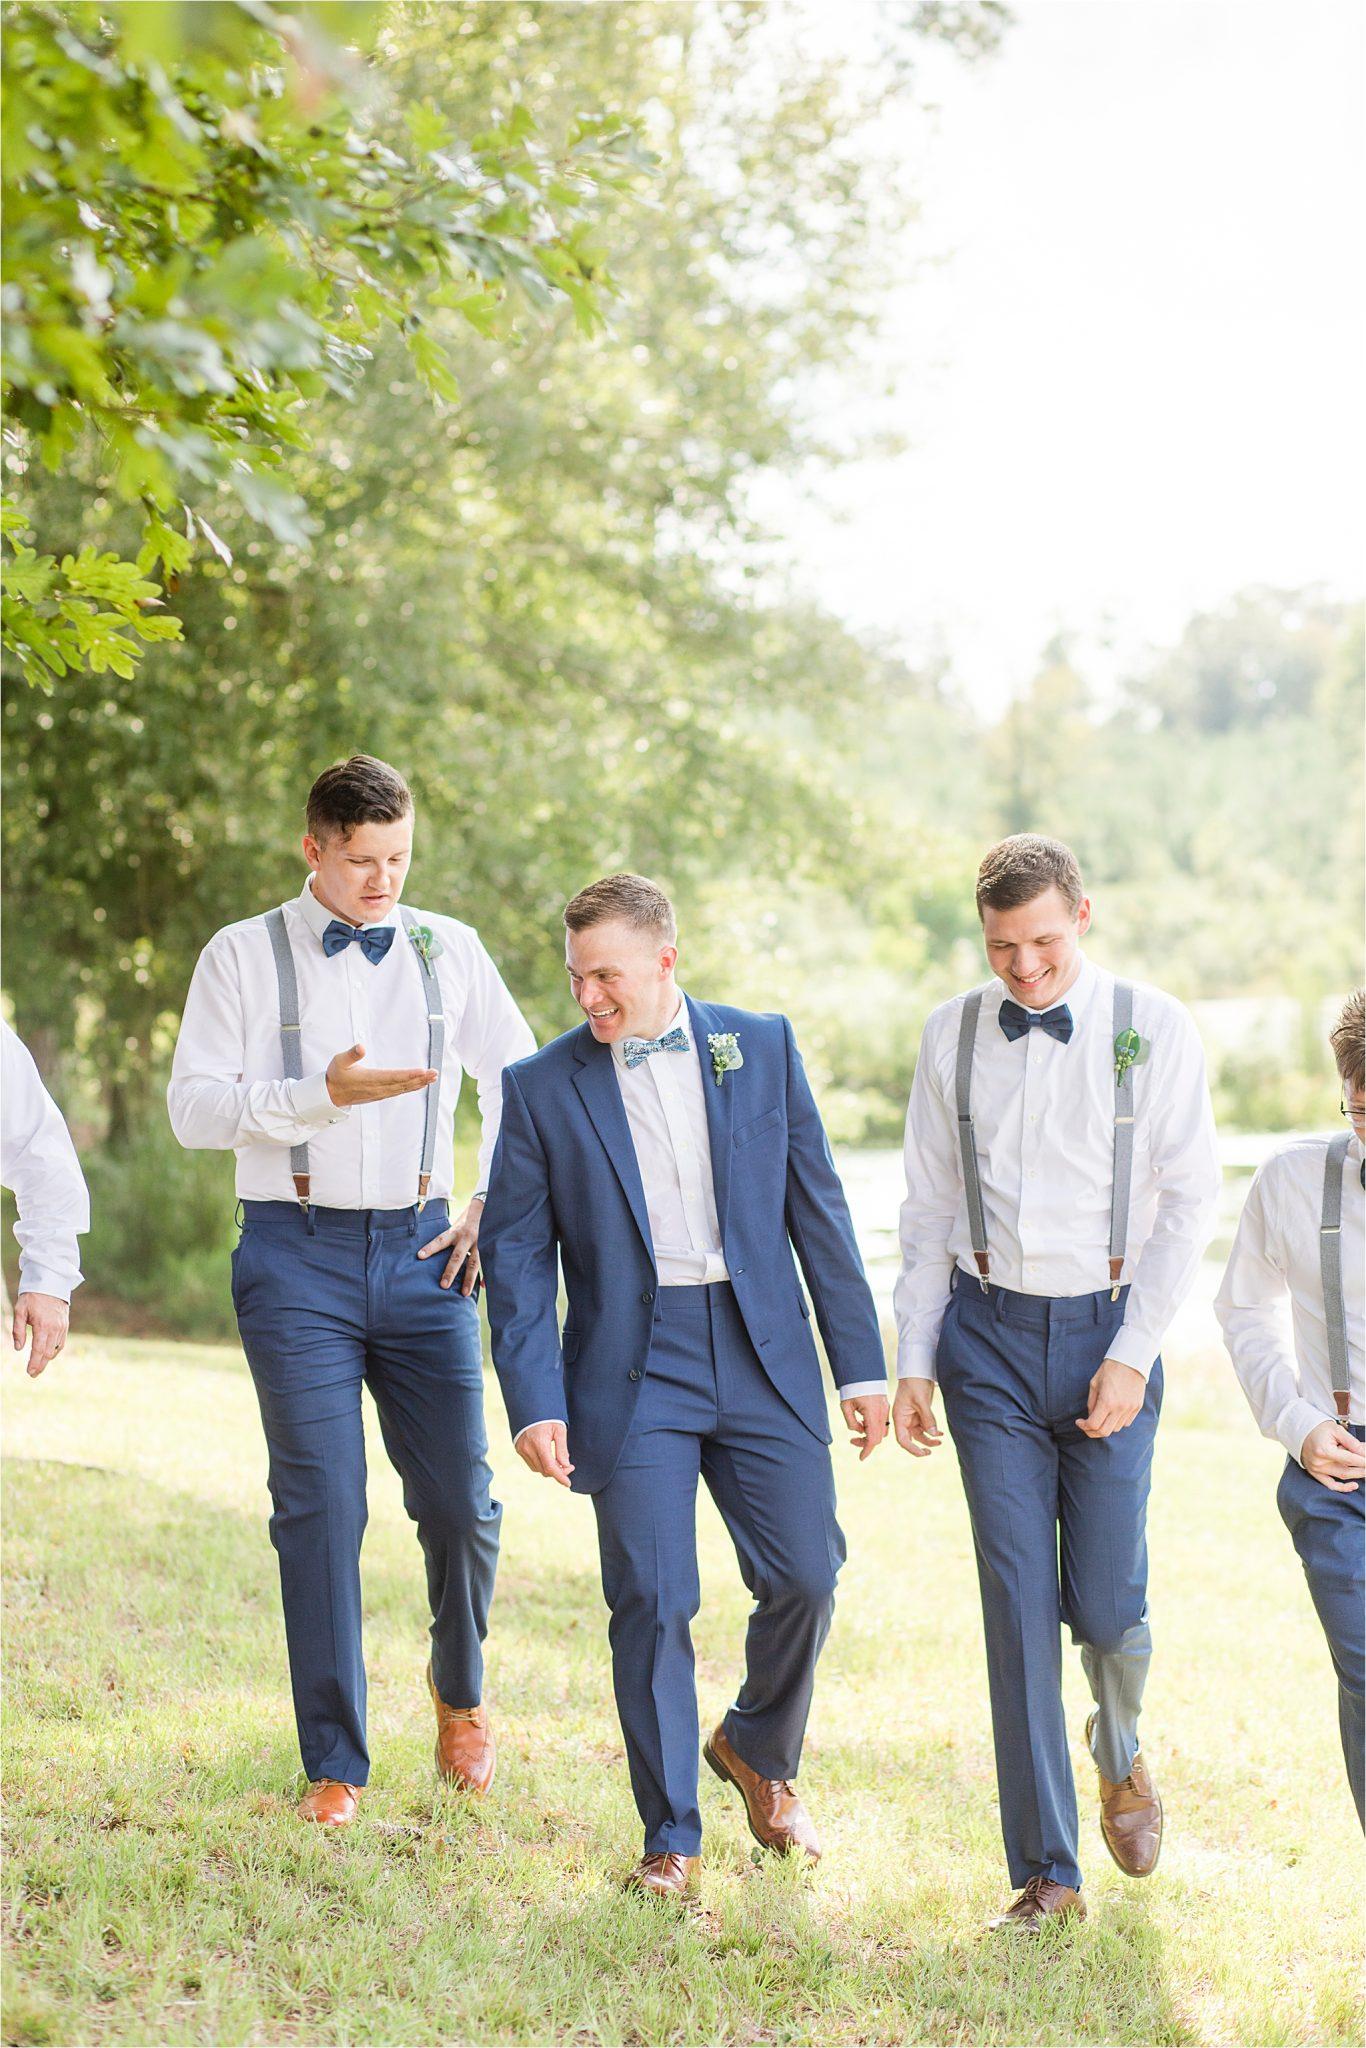 groom-groomsmen-blue-navy-bow-tie-suspenders-brown-shoes